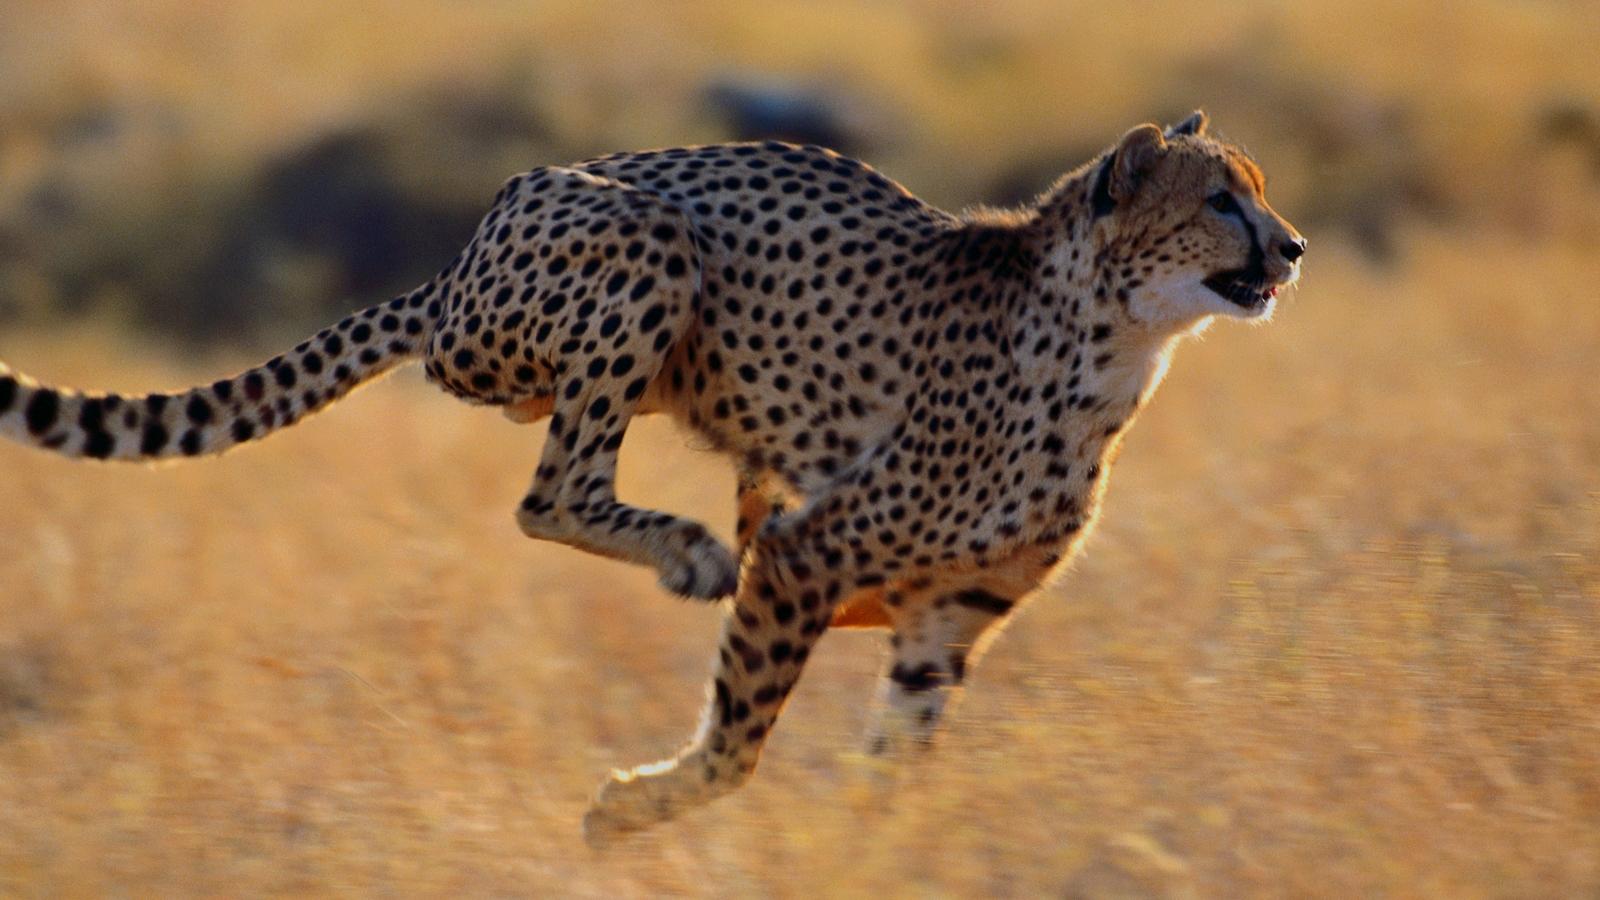 http://3.bp.blogspot.com/-s9SRdL_EWrA/UKdLQ9HBN6I/AAAAAAAAN8E/3m5XYTvZuJ0/s1600/Cheetah+(3).jpg